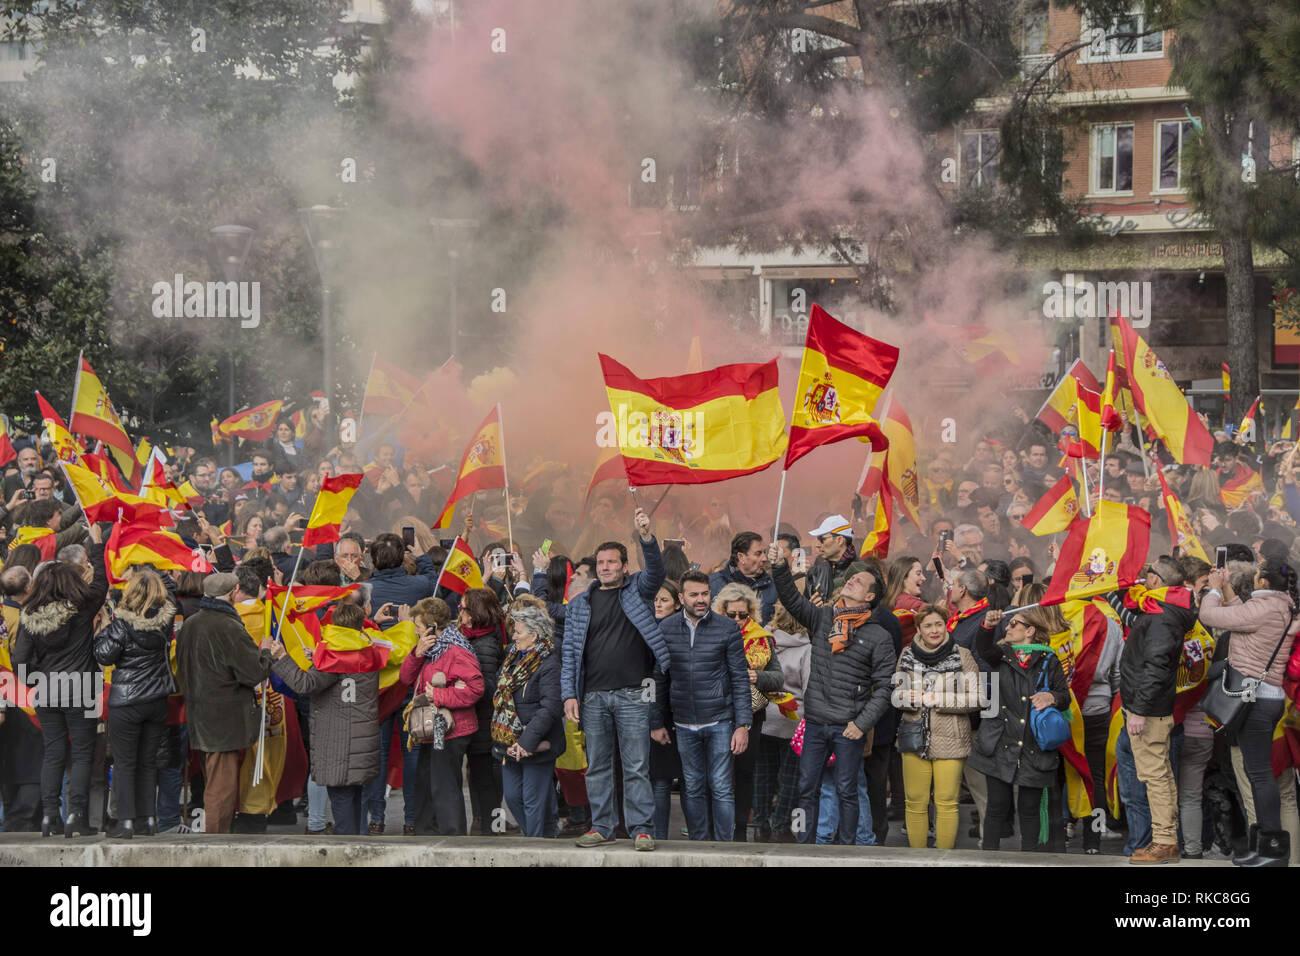 Madrid, Espagne. 10 fév, 2019. Les protestataires sont vus en agitant drapeaux espagnols pendant la manifestation.Des milliers de citoyens espagnols ont protesté à Place Colon à Madrid contre le gouvernement de Pedro Sánchez DE SÃ, demande d'une élection. Credit: Alberto Sibaja SOPA/Images/ZUMA/Alamy Fil Live News Photo Stock